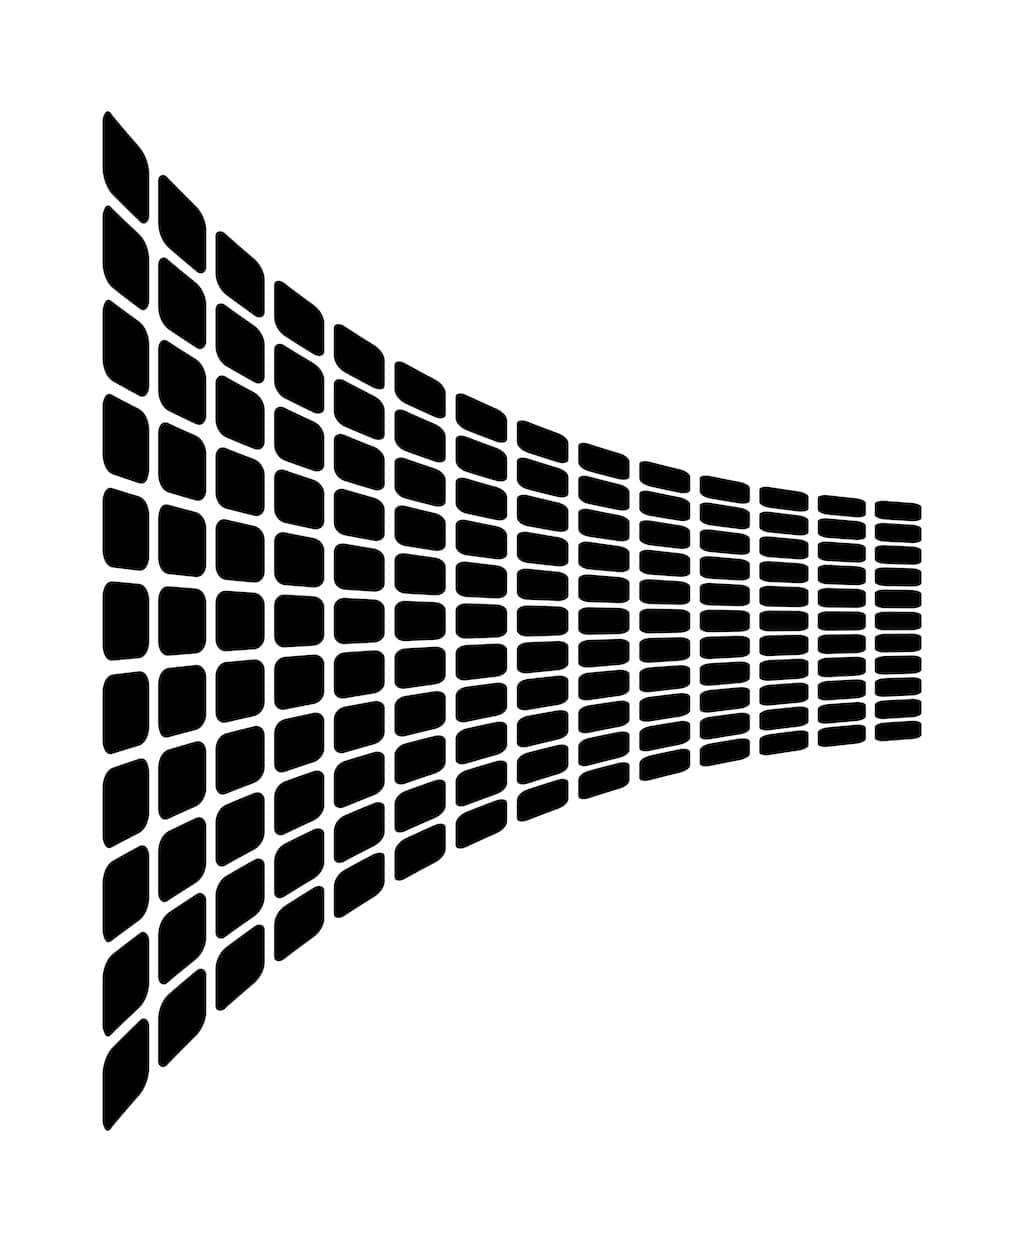 平面设计常用到的线条形状有哪些